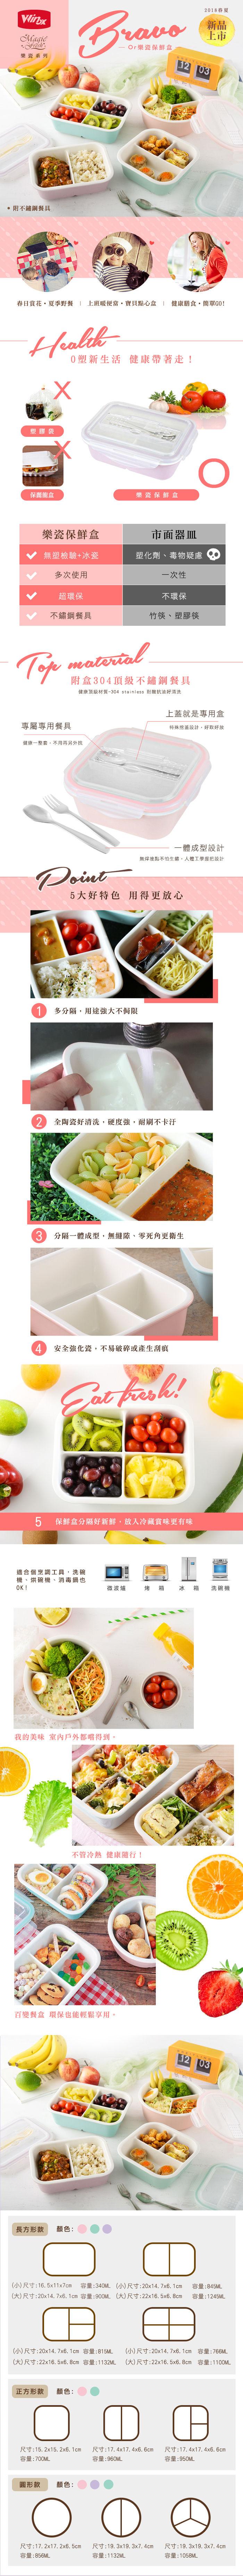 美國 Winox|樂瓷系列陶瓷保鮮盒圓形附餐具3格1058ML#125